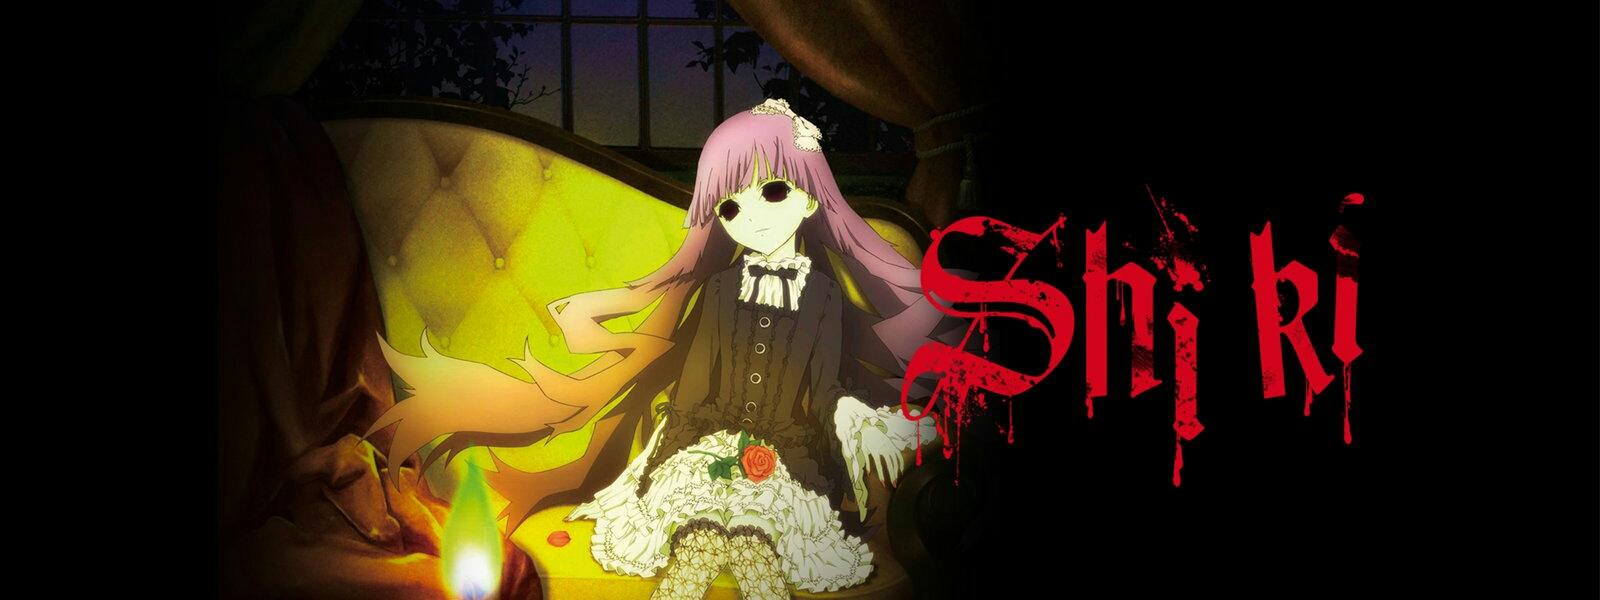 5 Manga Horor Yang Wajib di Baca Buat Kamu Penggemar Cerita Seram 7